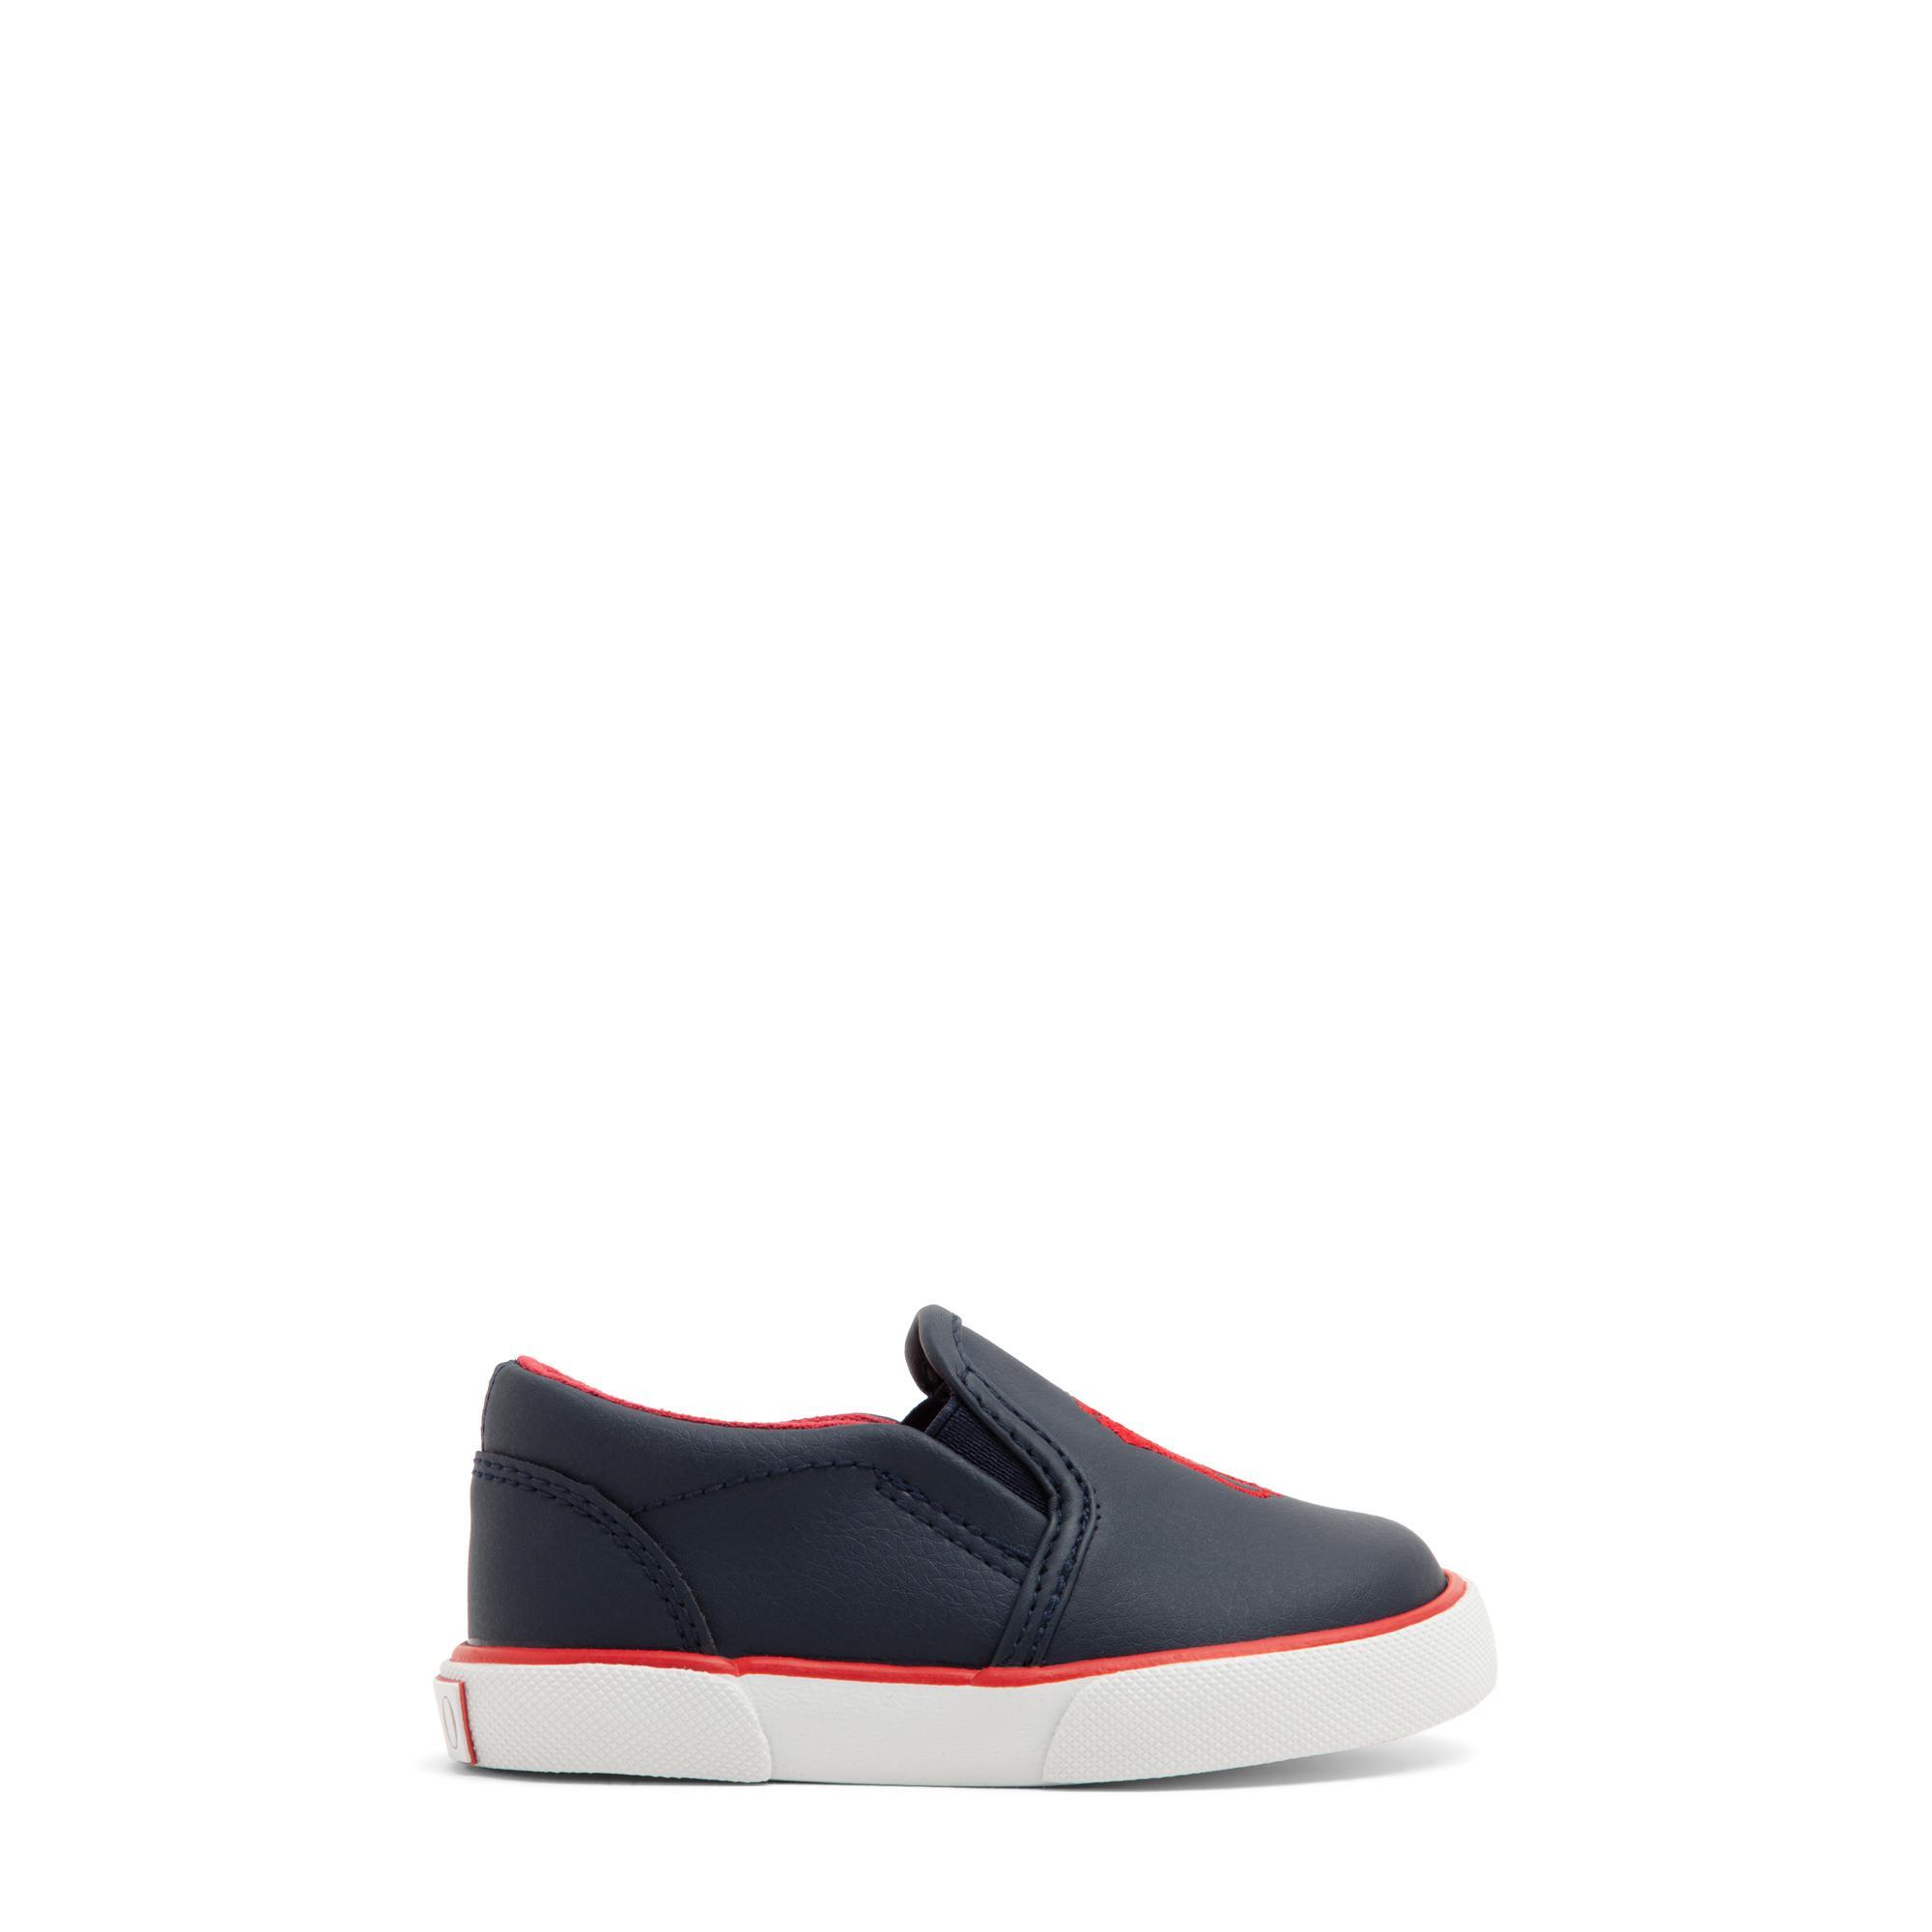 Bal Harbour III sneakers